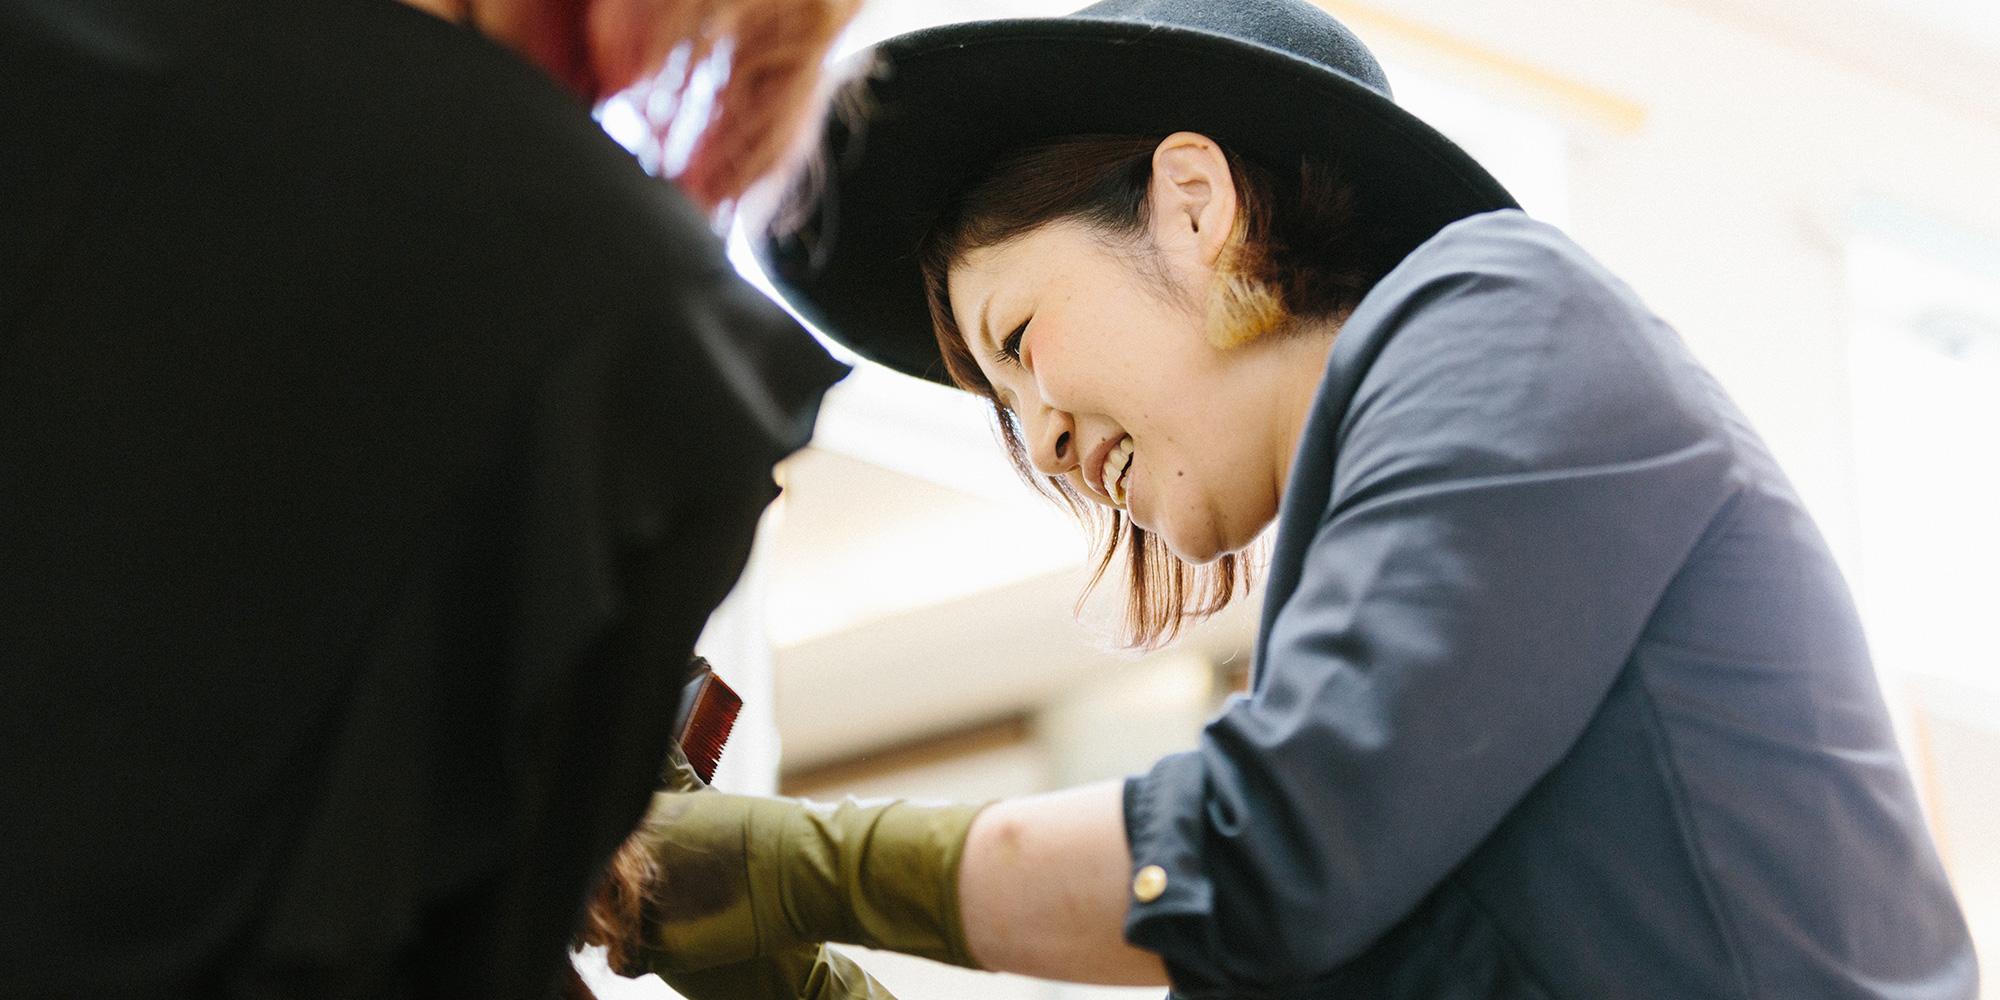 石川県七尾市のヘアサロン「ヘアシーク」スタイリスト募集中